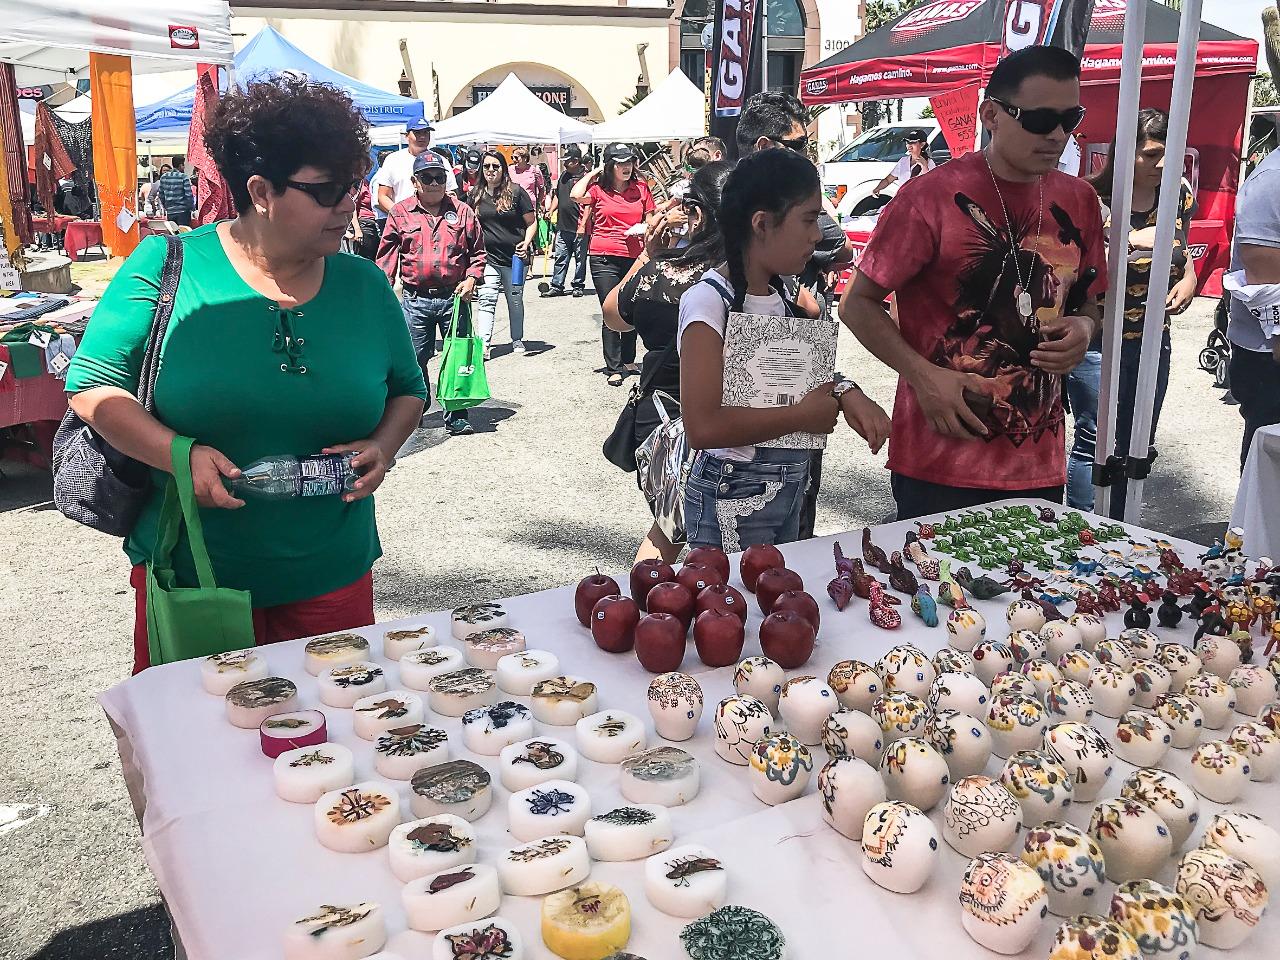 Comercializan artesanos mexiquenses piezas en Los Ángeles, California